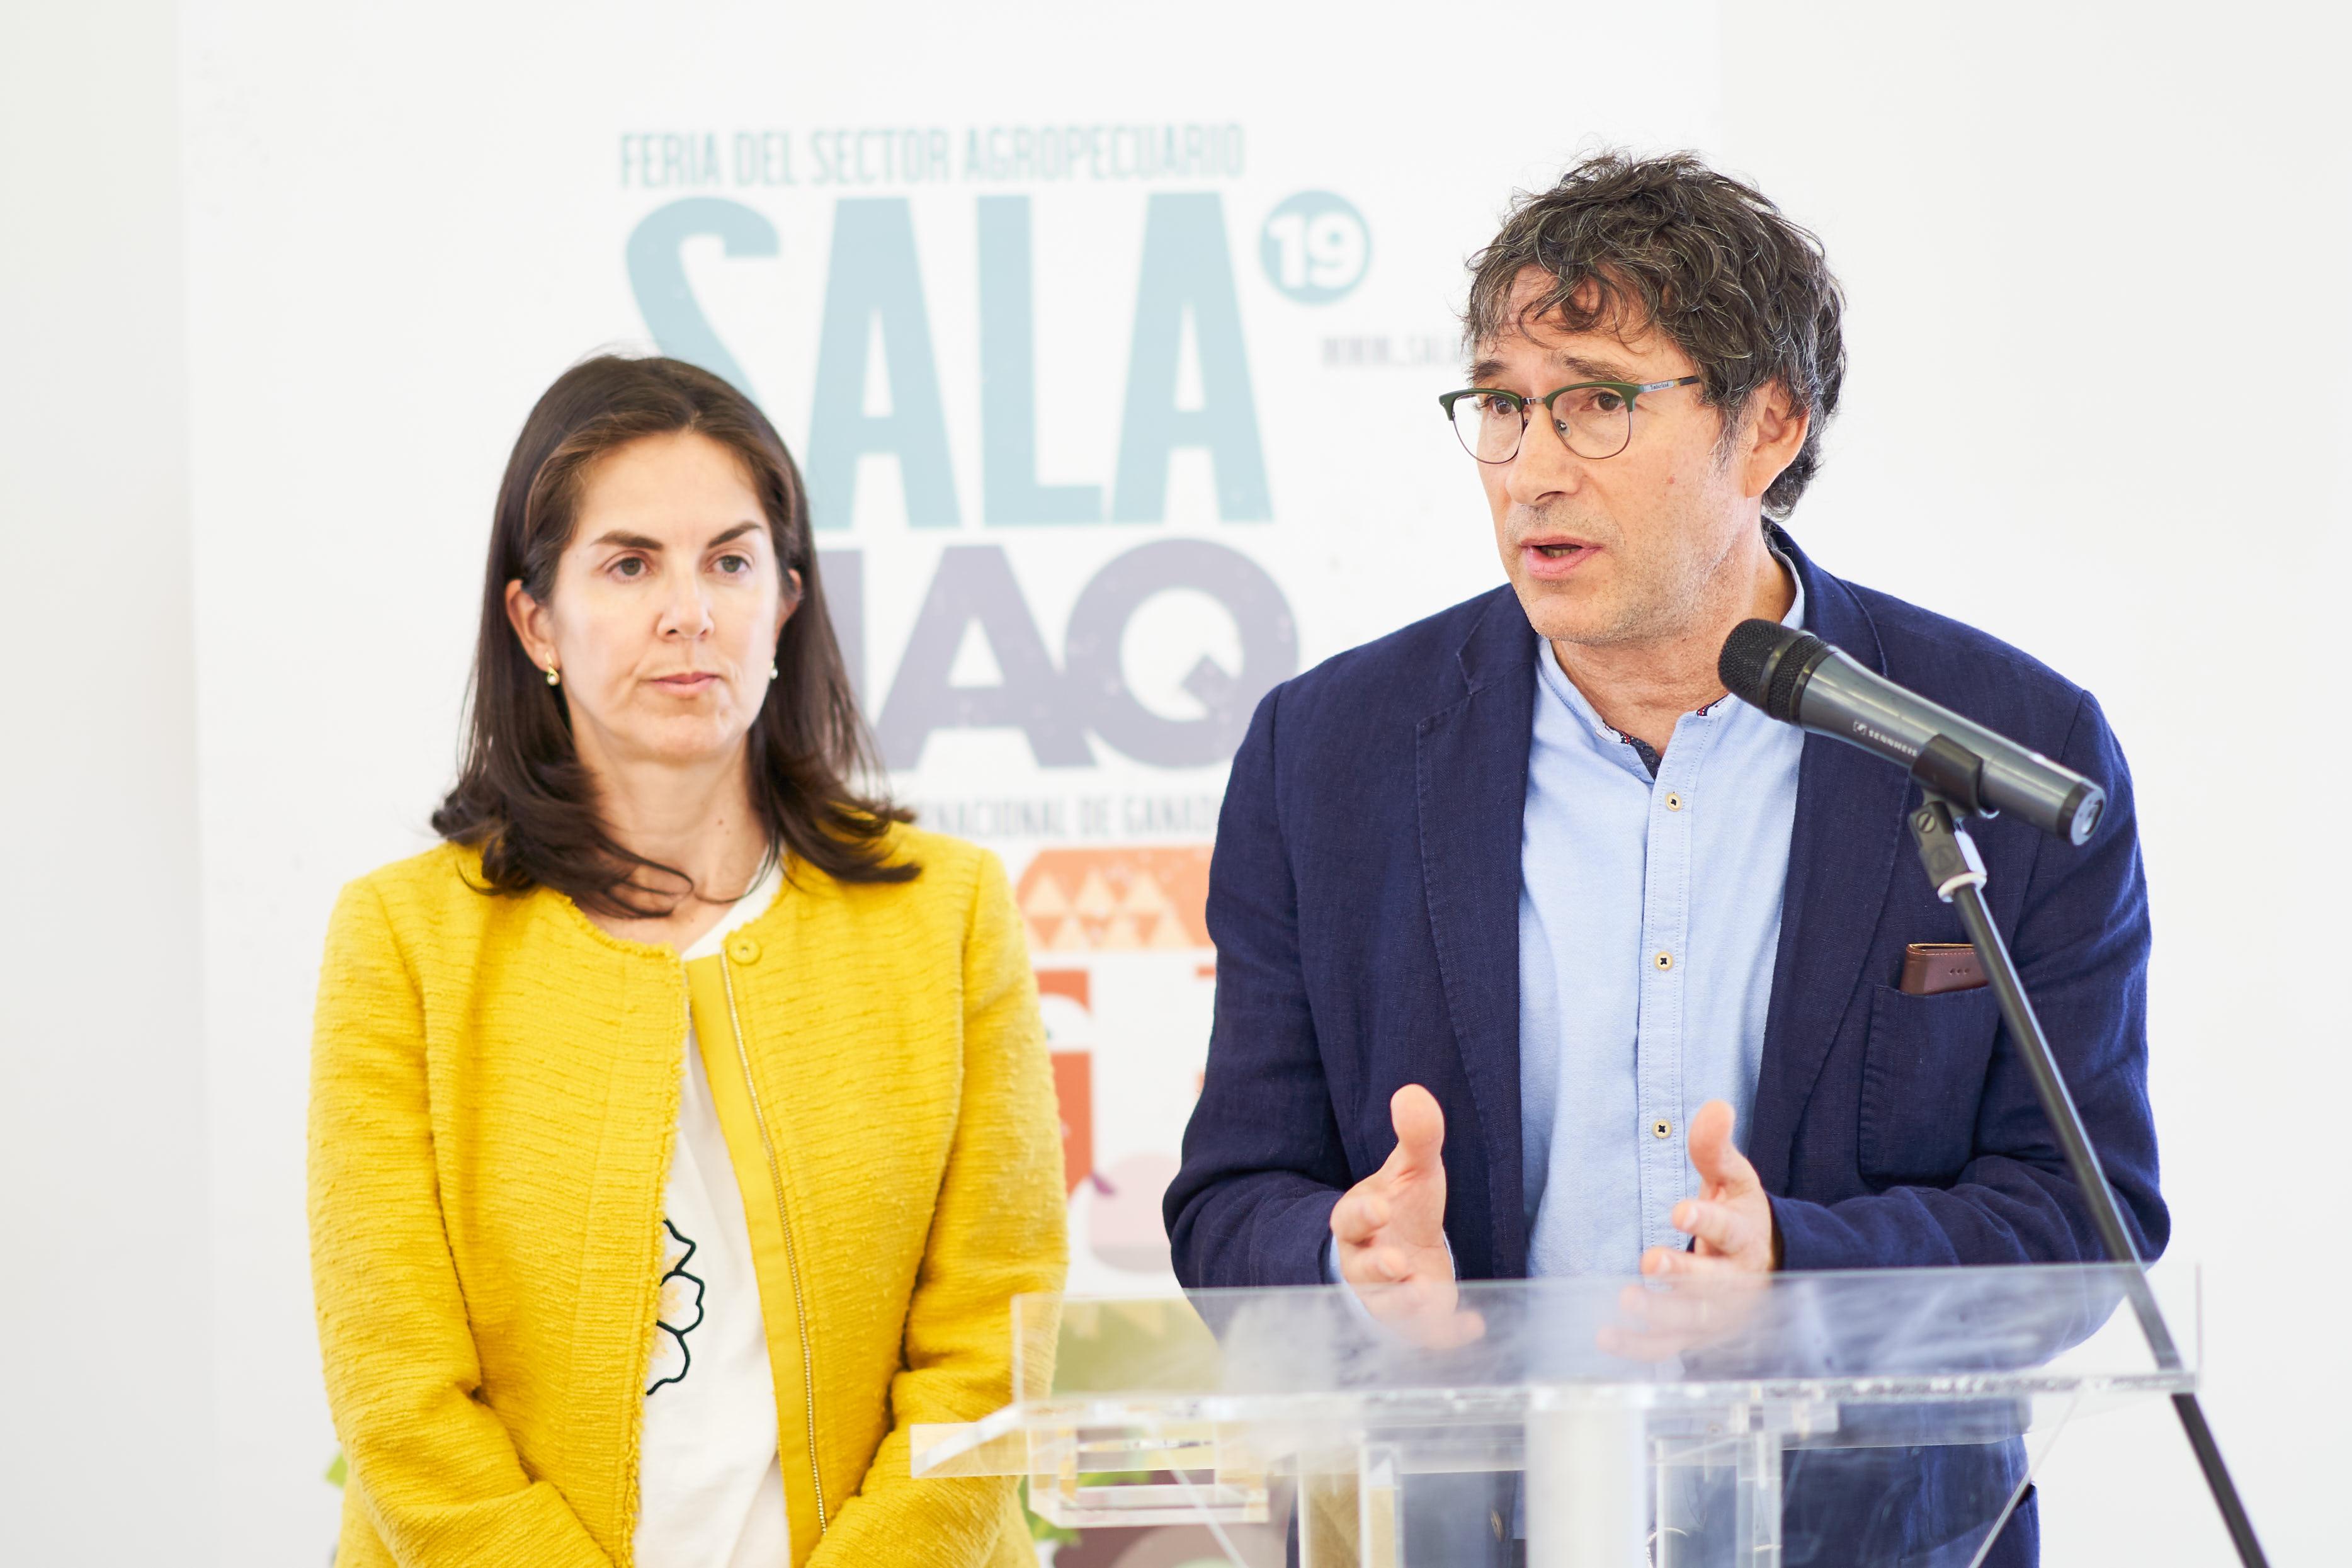 El rector y el presidente de la Diputación presentan los resultados de la III convocatoria de los proyectos de investigación orientados al sector primario 0017.jpg